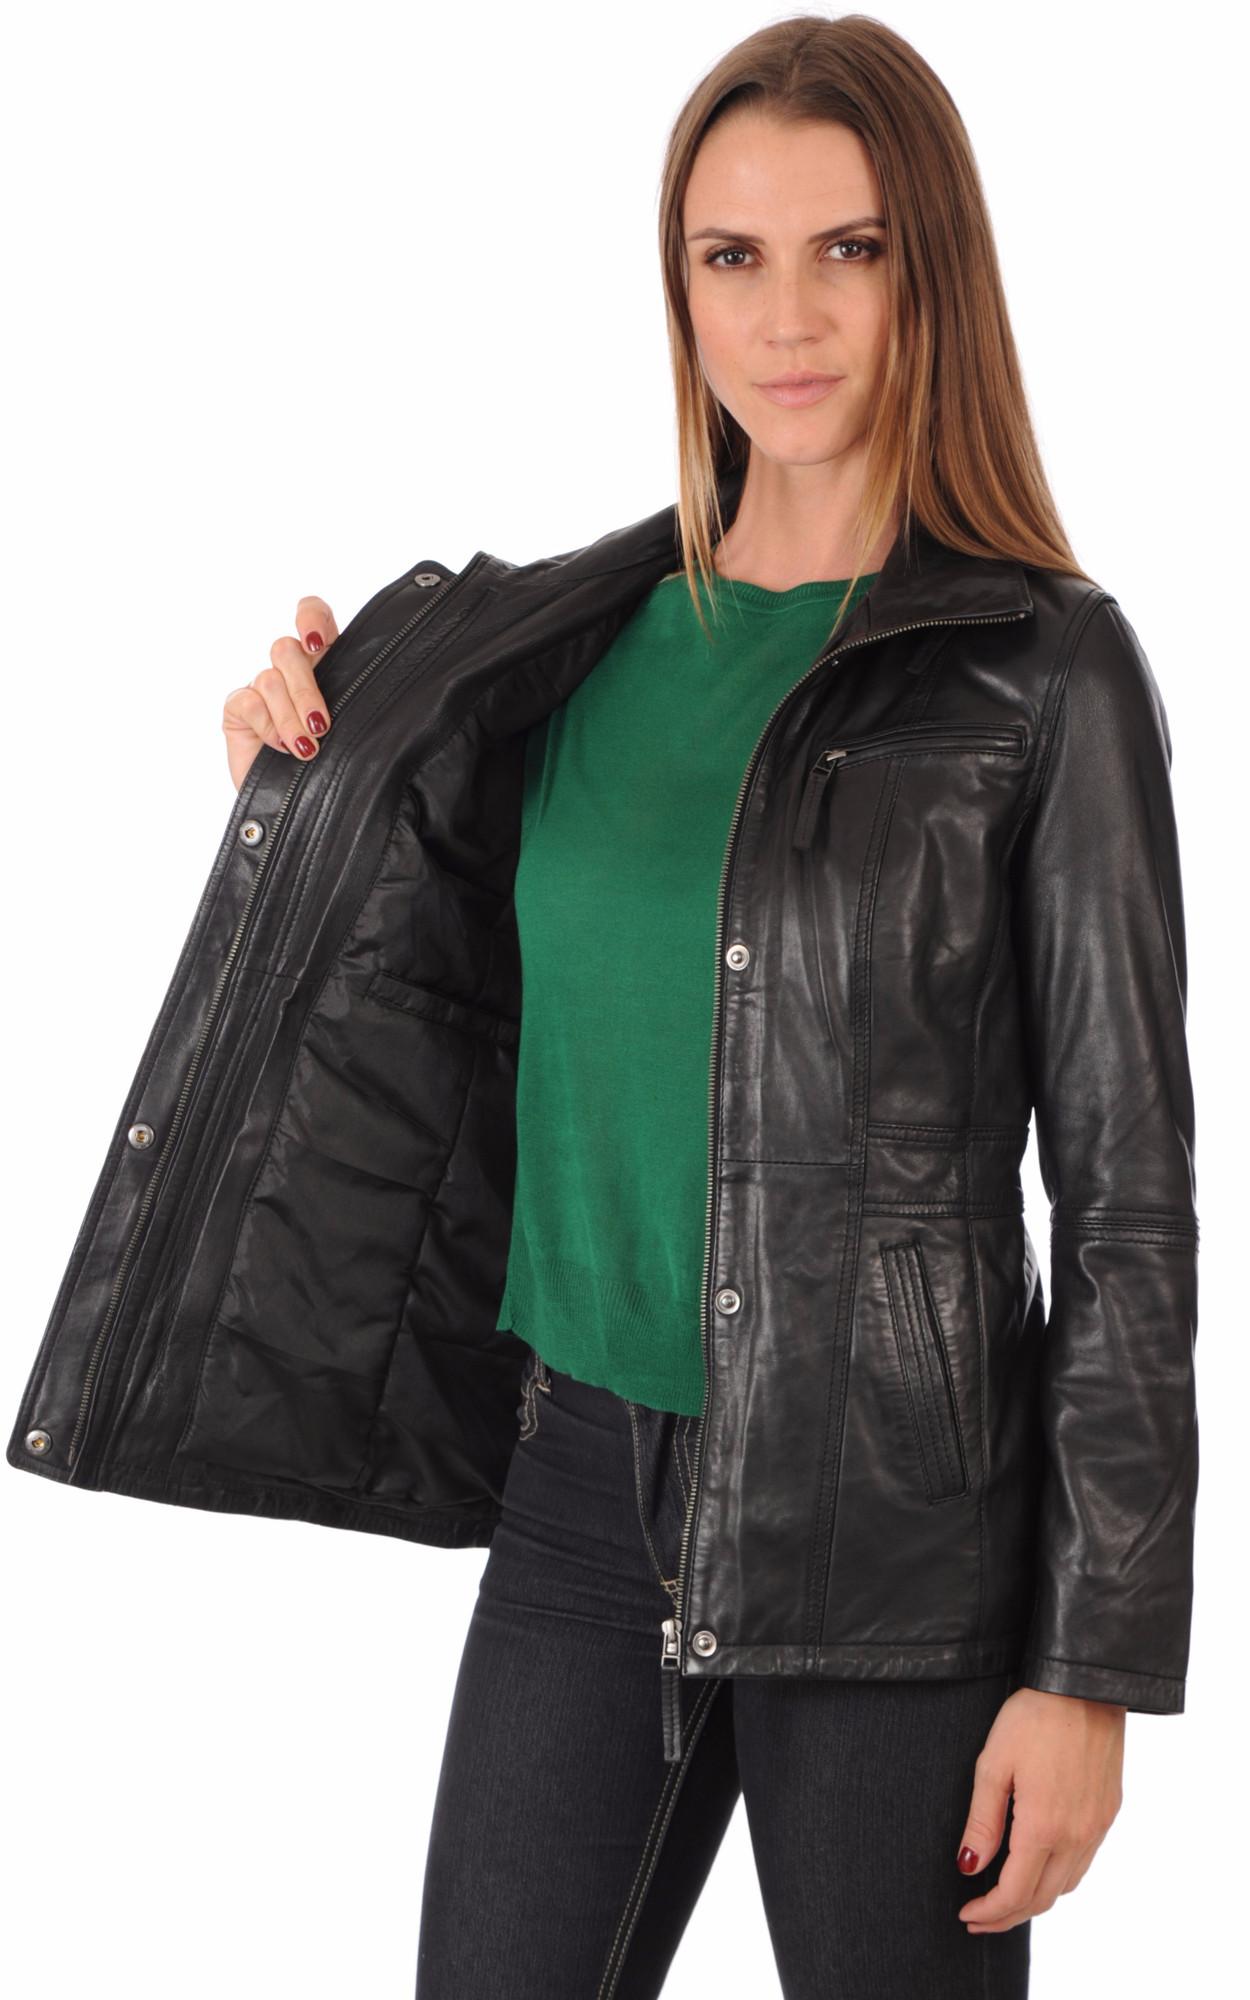 Veste Cuir Femme Coupe Confortable